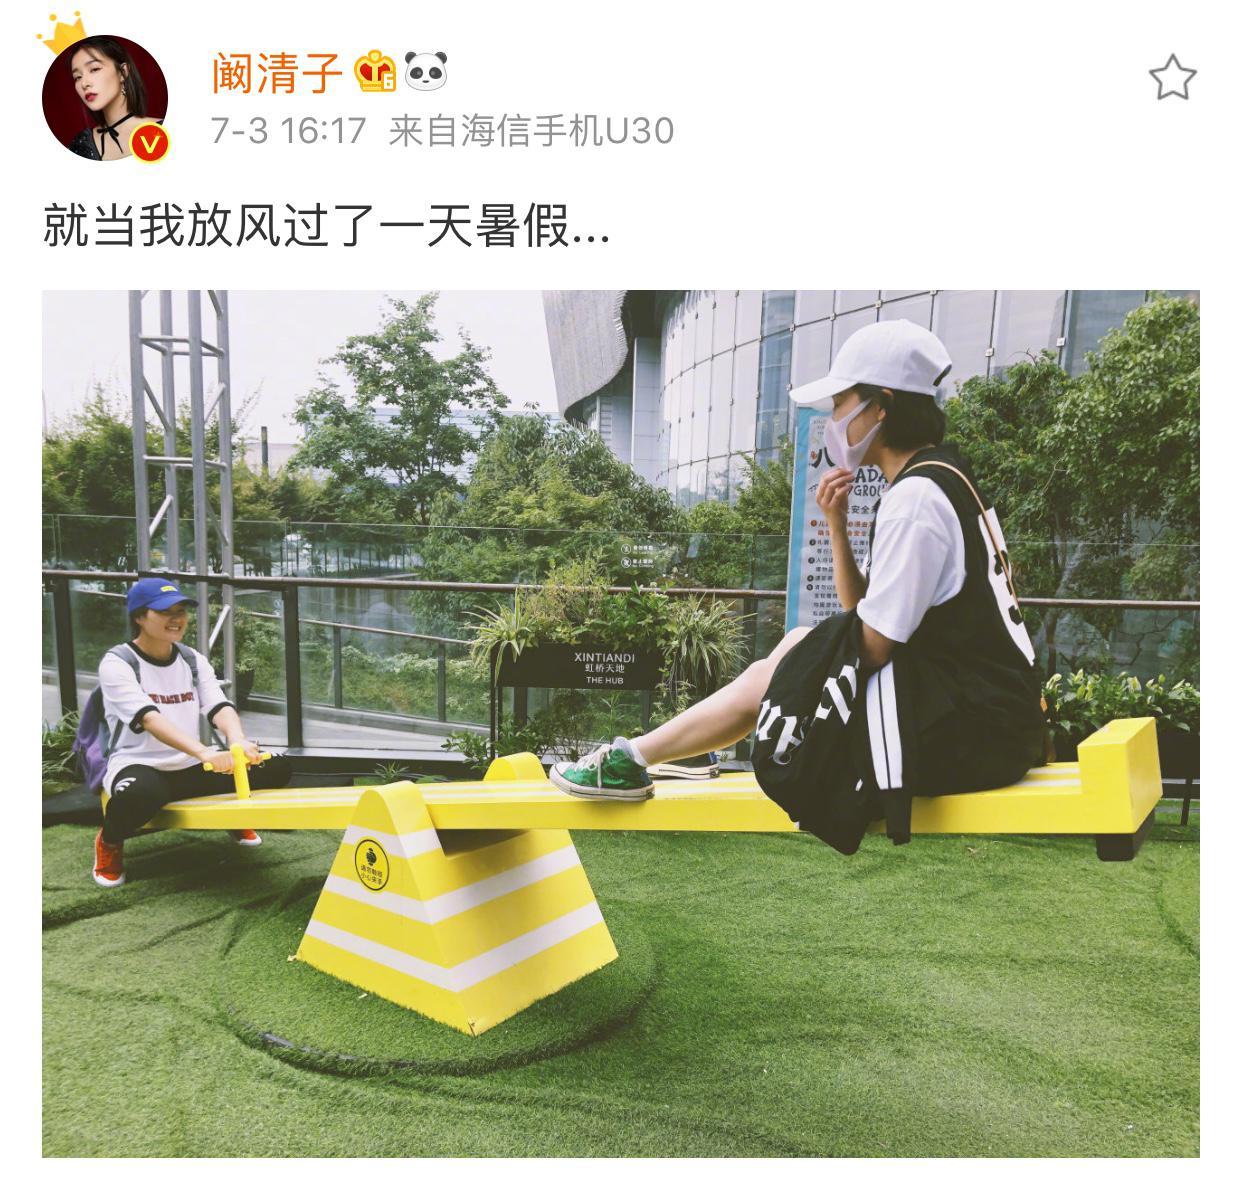 """阚清子剧组放风乐趣多 被网友调侃""""阚三岁"""""""